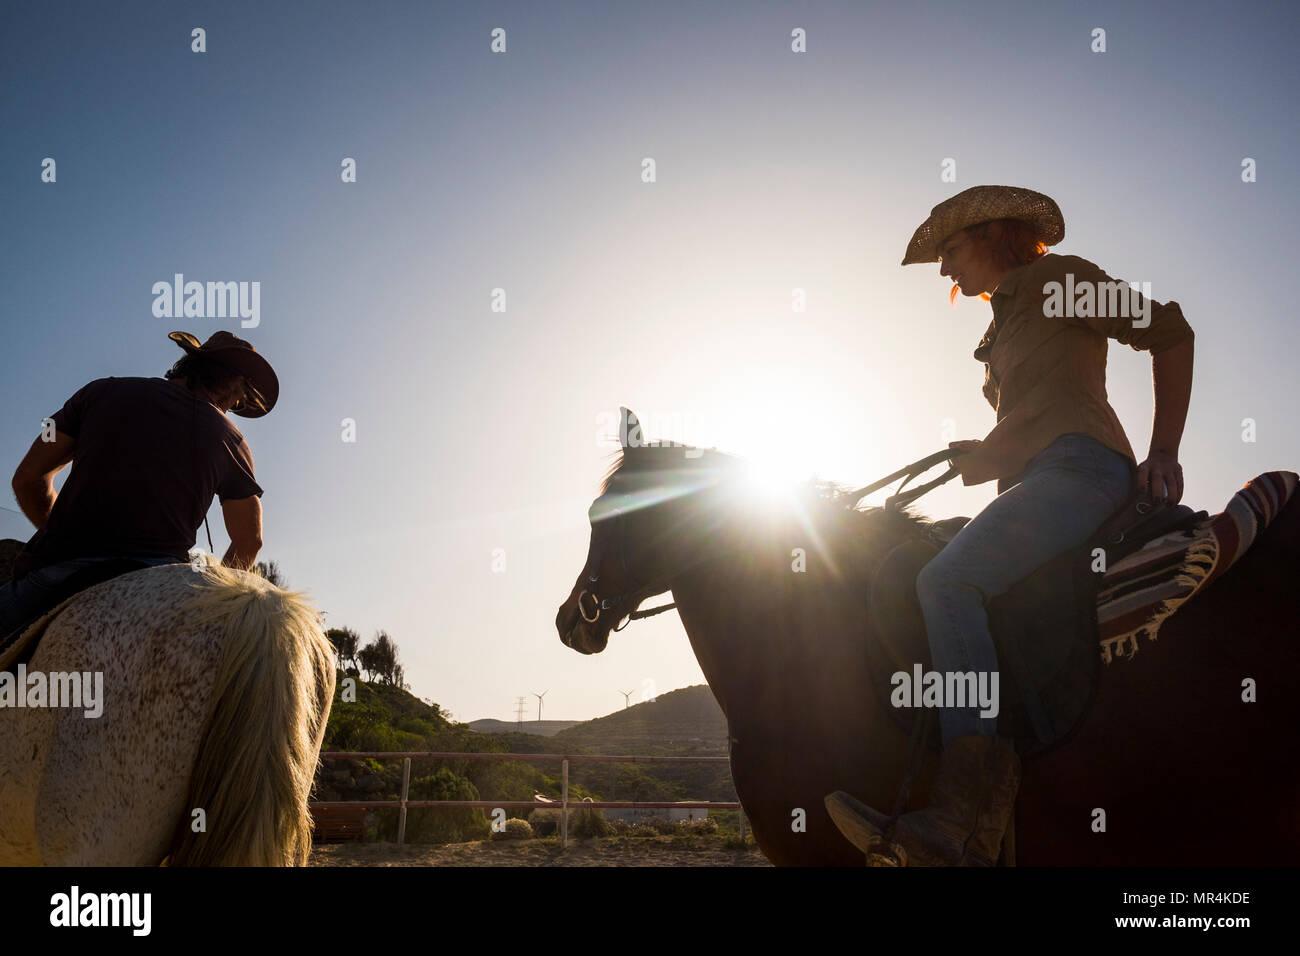 Paar Moderne Cowboys, Mann und Frau, fahren zwei Pferde im Freien mit Sunflare und Hintergrundbeleuchtung. Berge und Wind Mill im Hintergrund. nette junge auf vacat Stockfoto